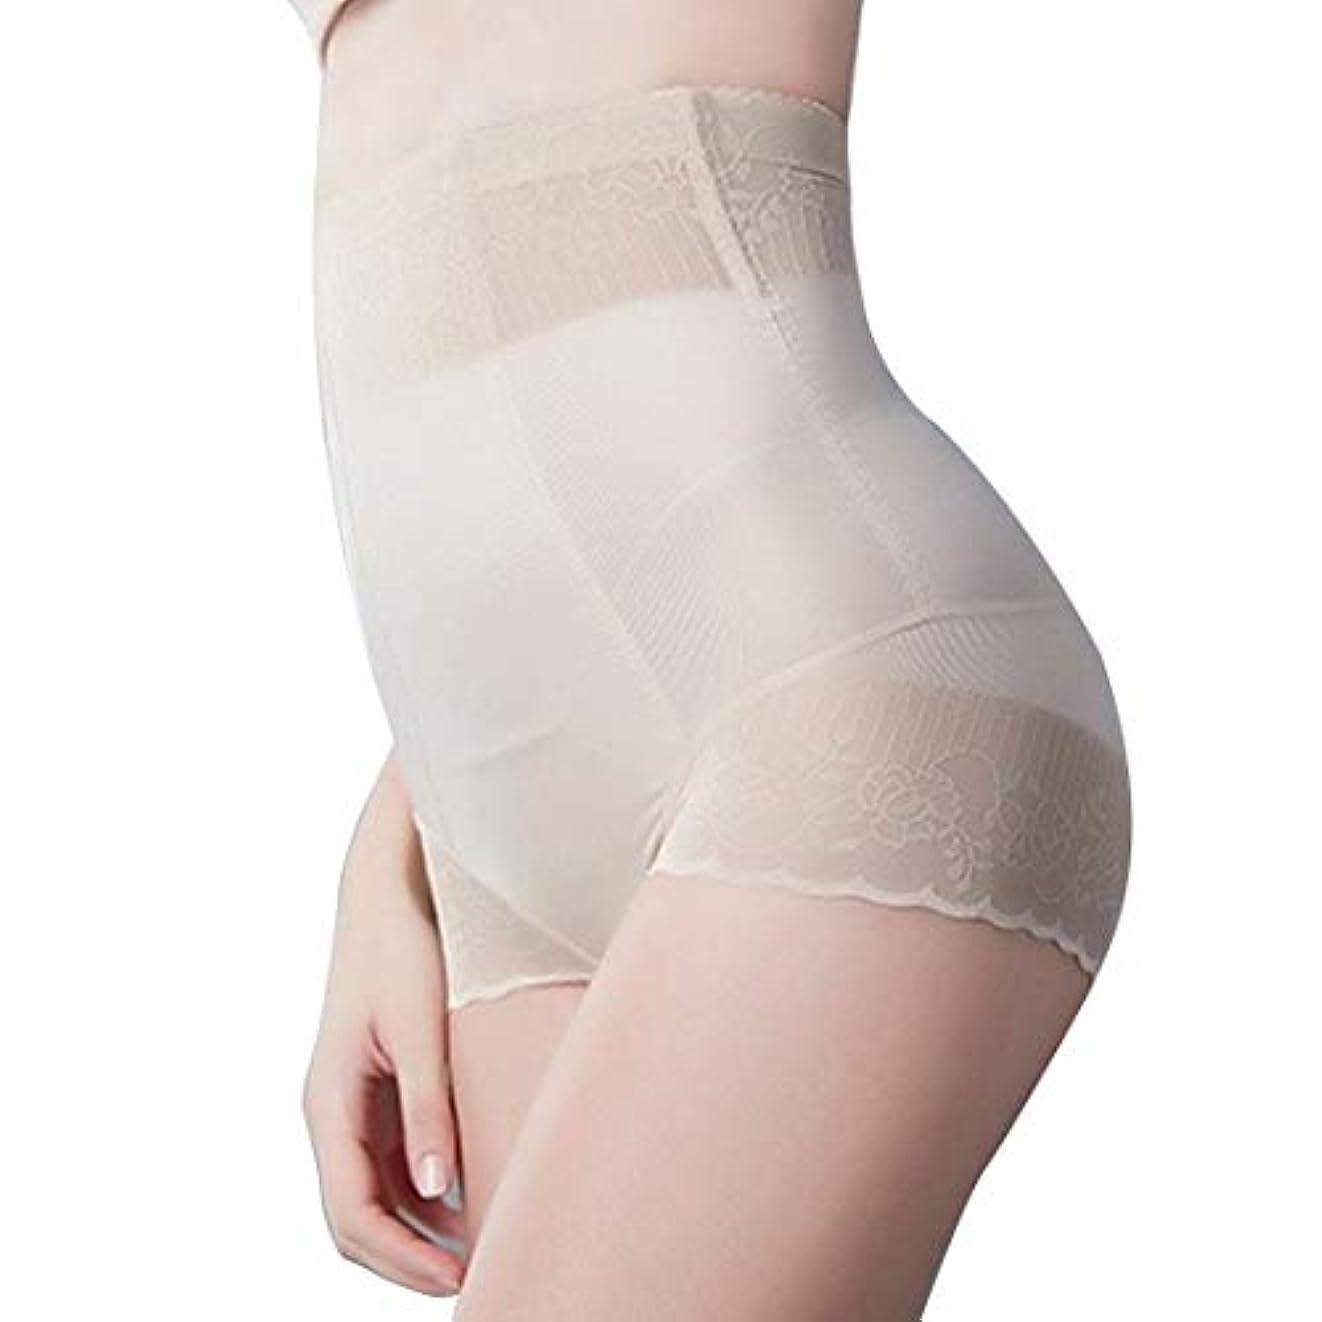 状態束投げ捨てるJtydj 女性のボディシェイプベストスリムウエストトレーナーコルセットシームレスハイウエストバットリフターTummyコントロールパンティー (色 : Nude, サイズ : XL)